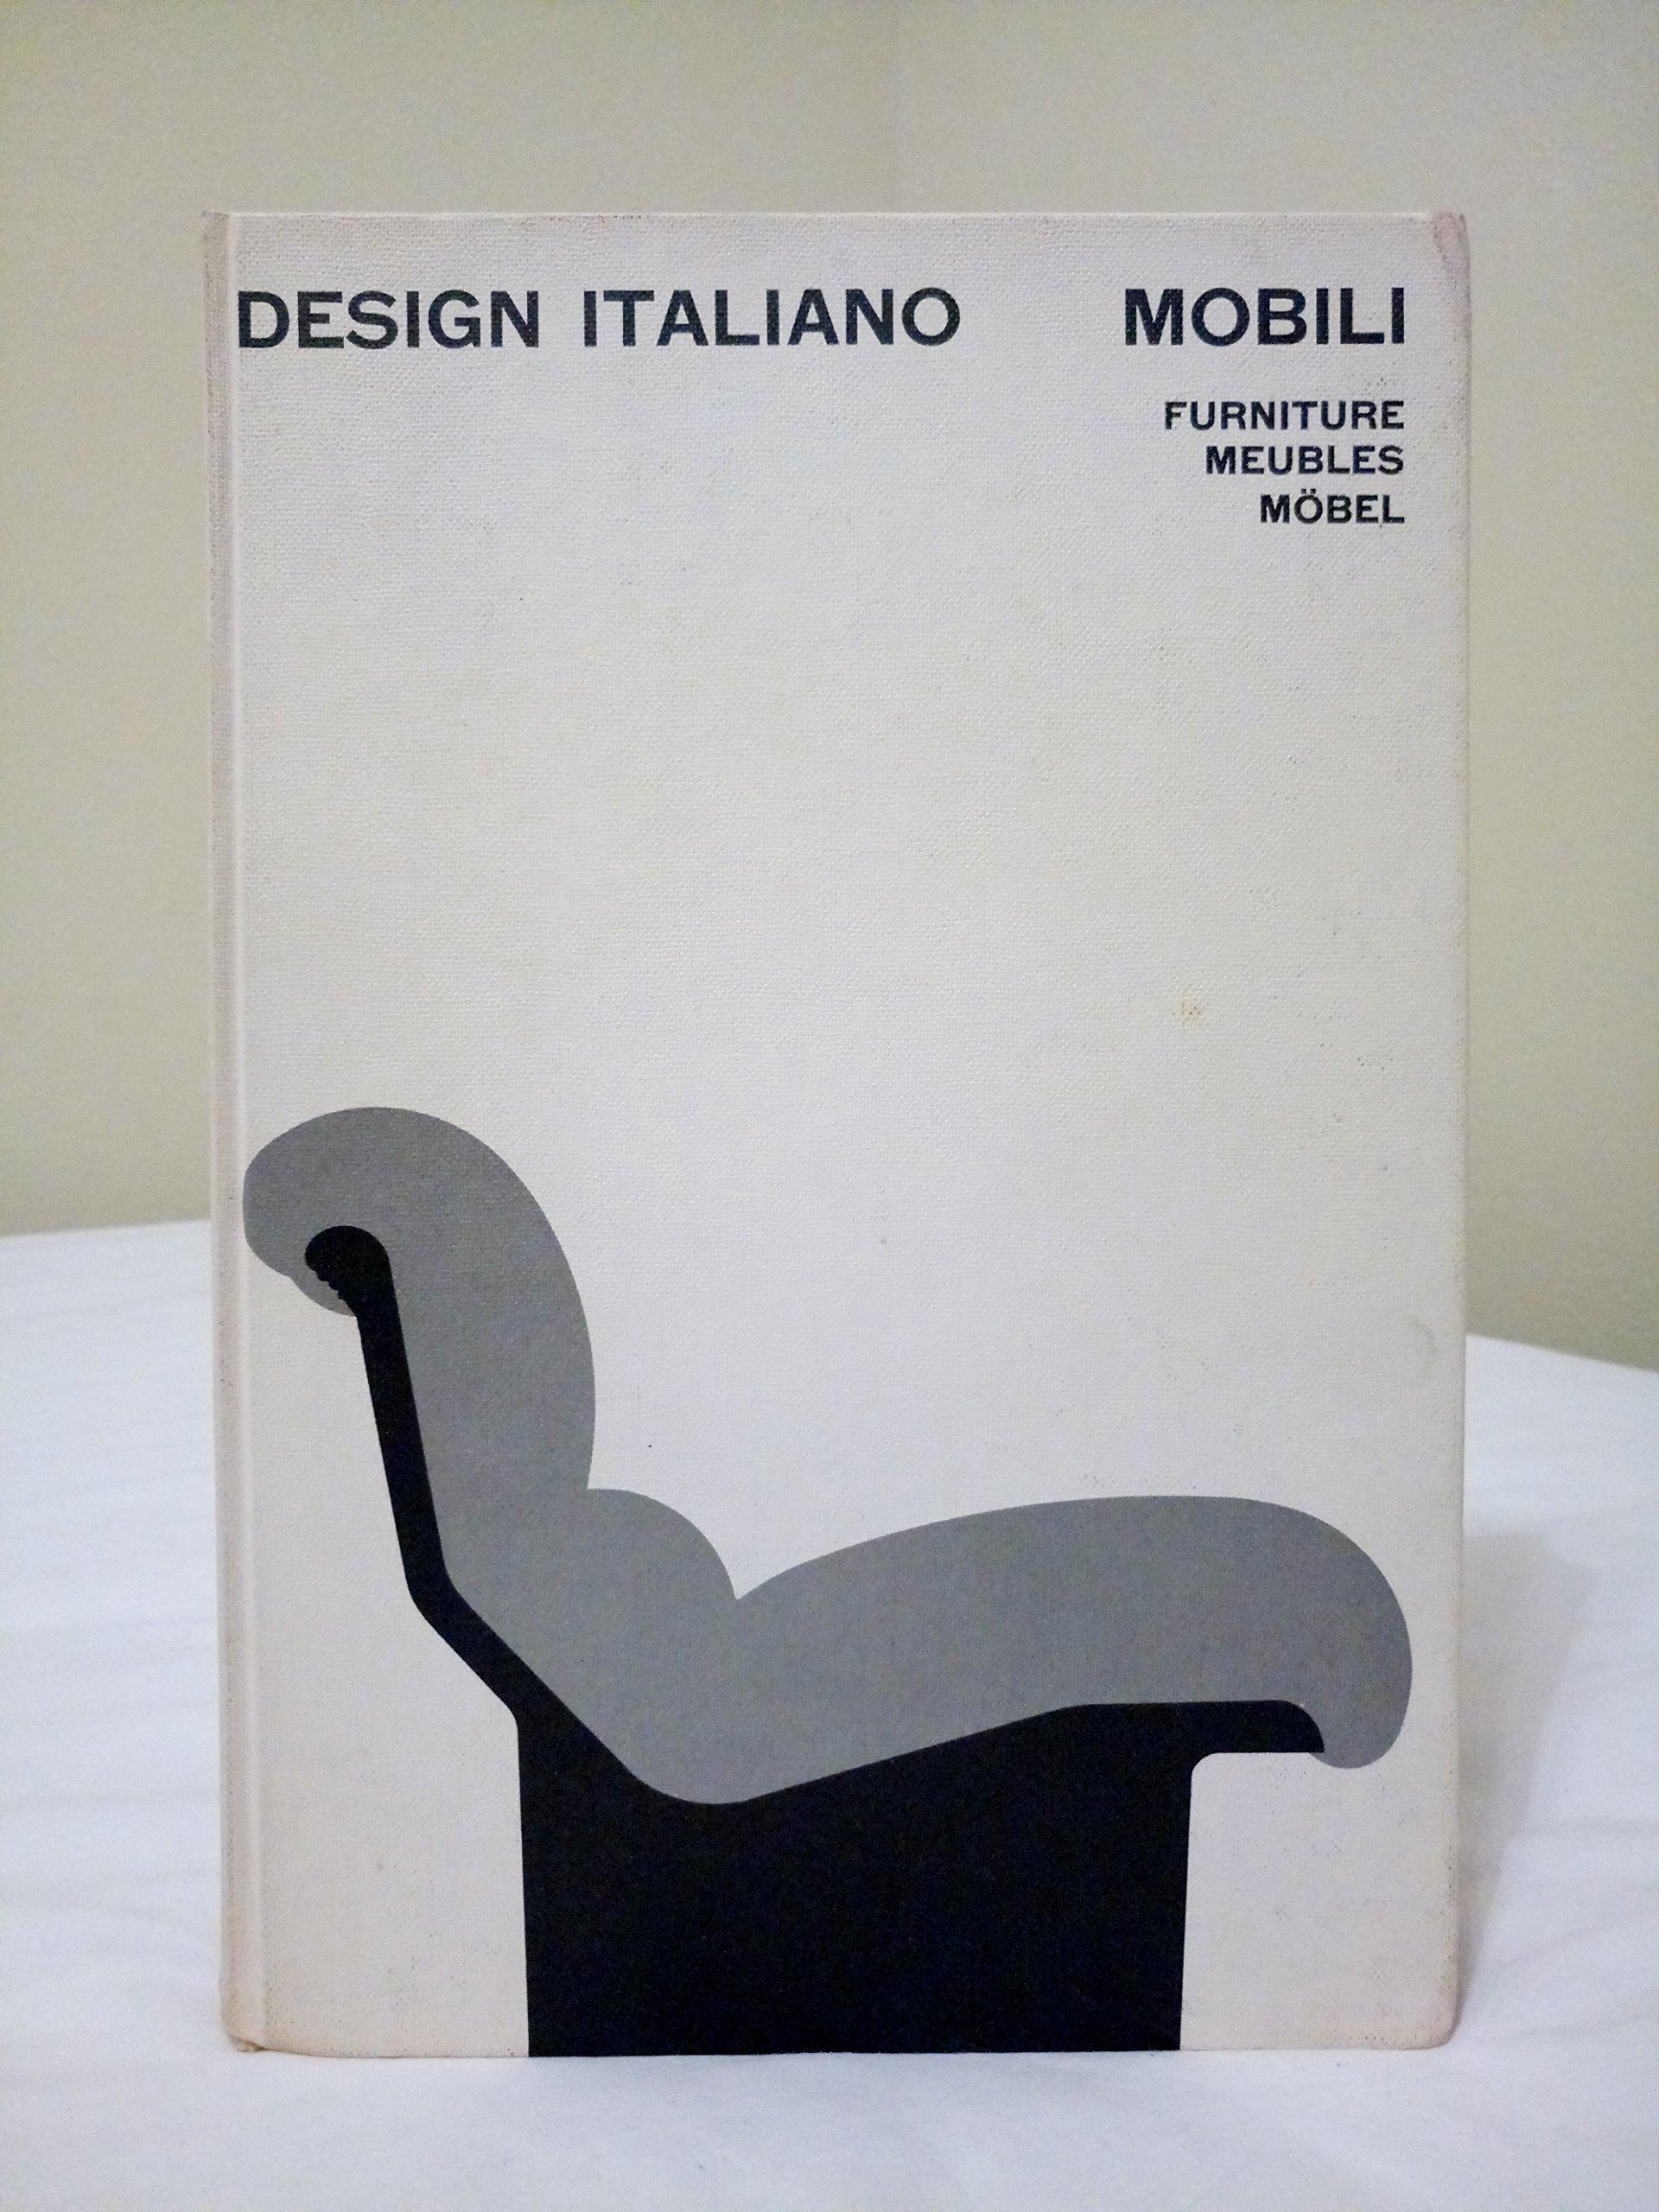 Mobili Design Italiano.Design Italiano Mobili Furniture Enrichetta Ritter Amazon